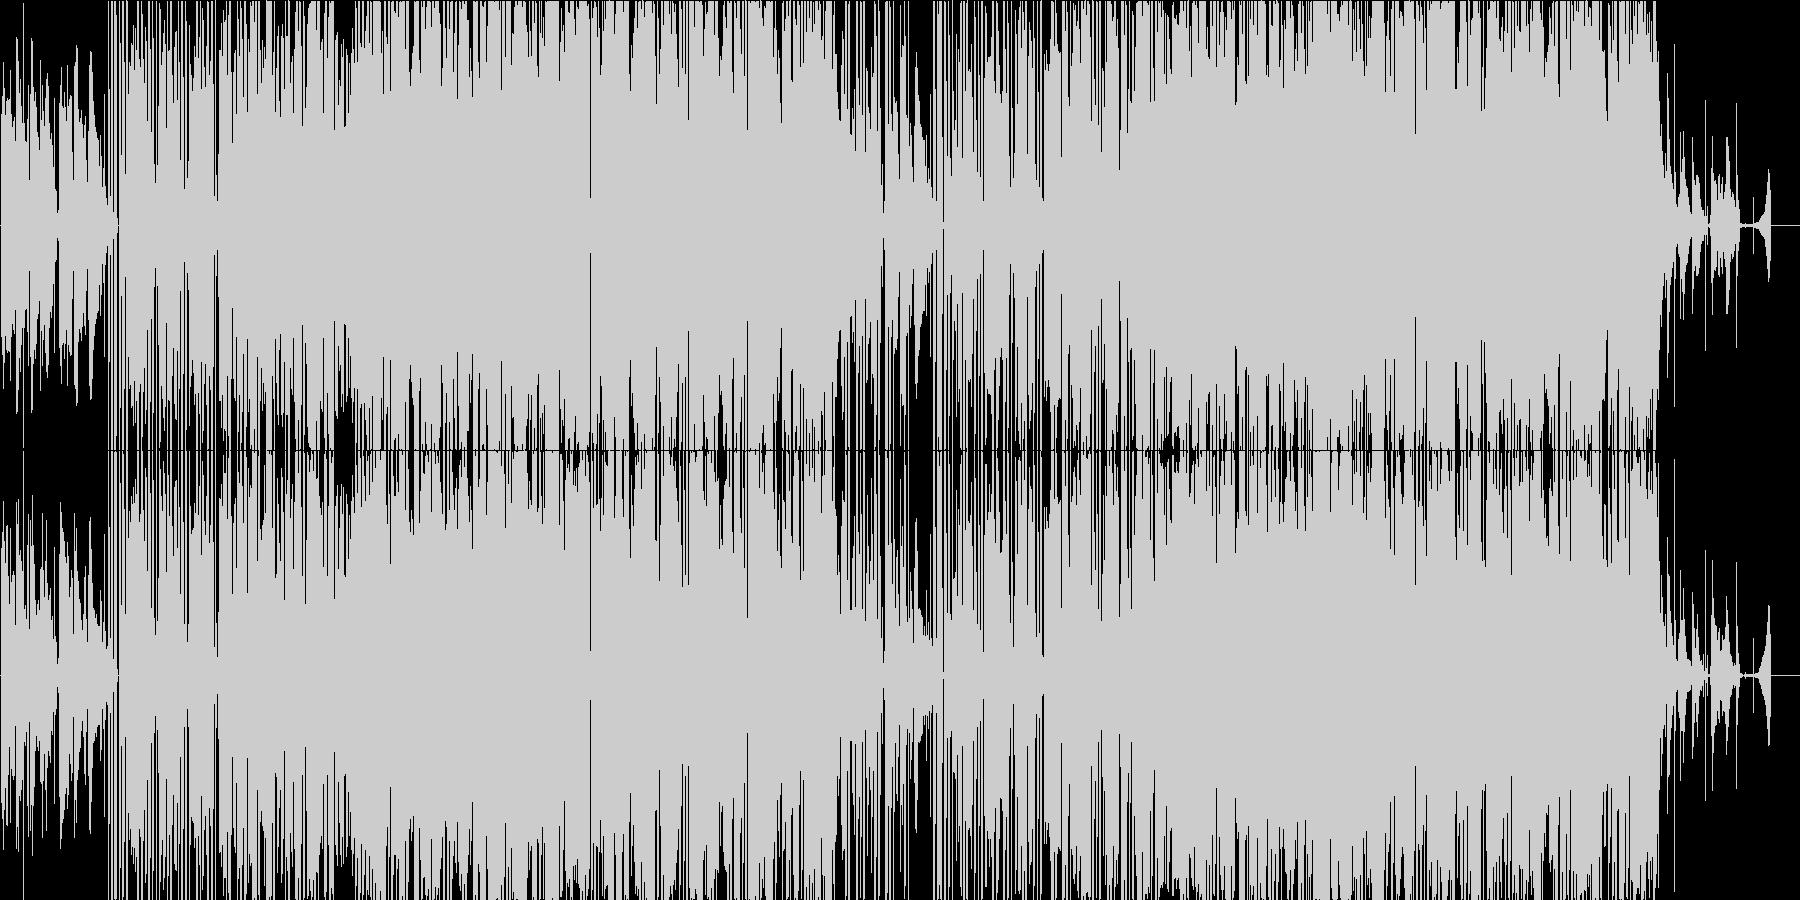 オシャレで爽やかなギターのLO-FIの未再生の波形